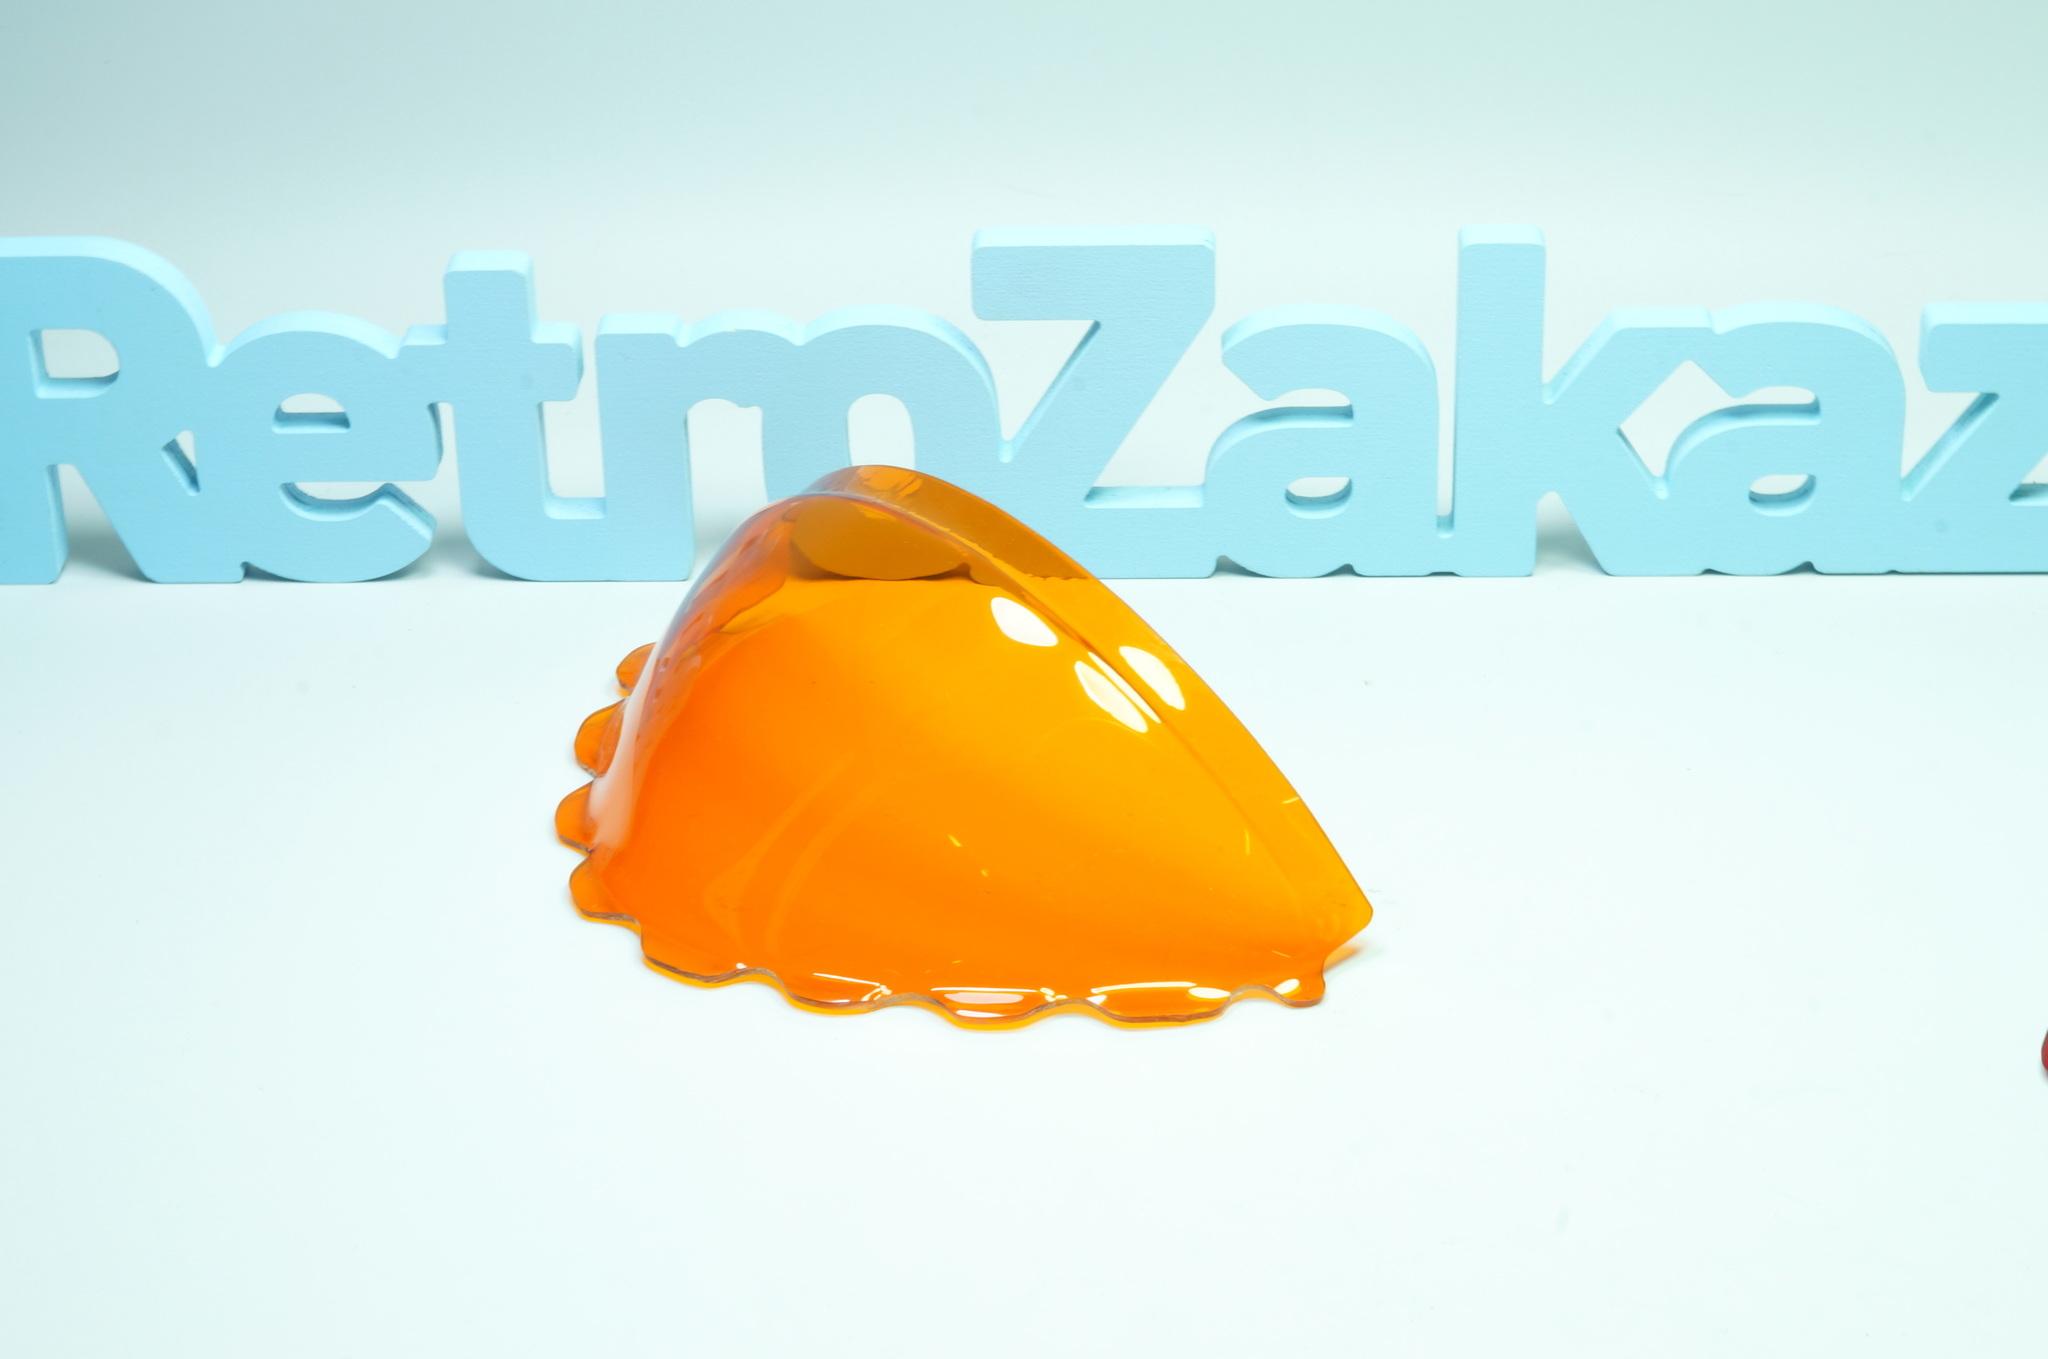 Оранжевая сфера спидометра Газ 21